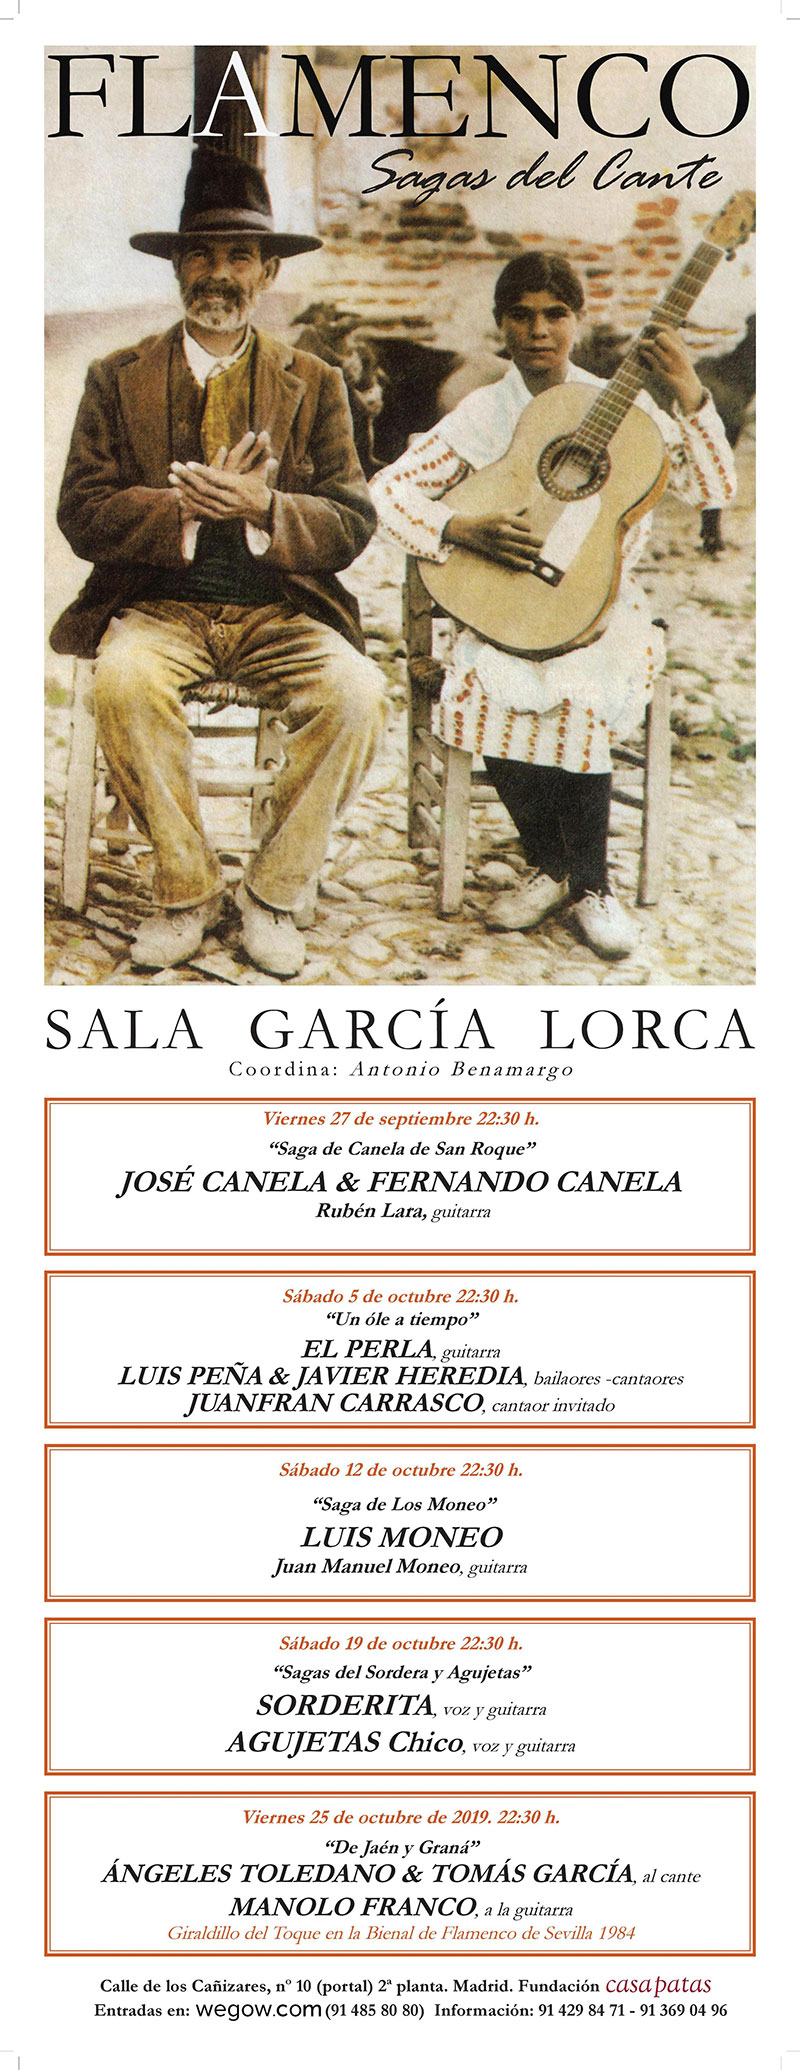 Sagas del Cante - Sala García Lorca